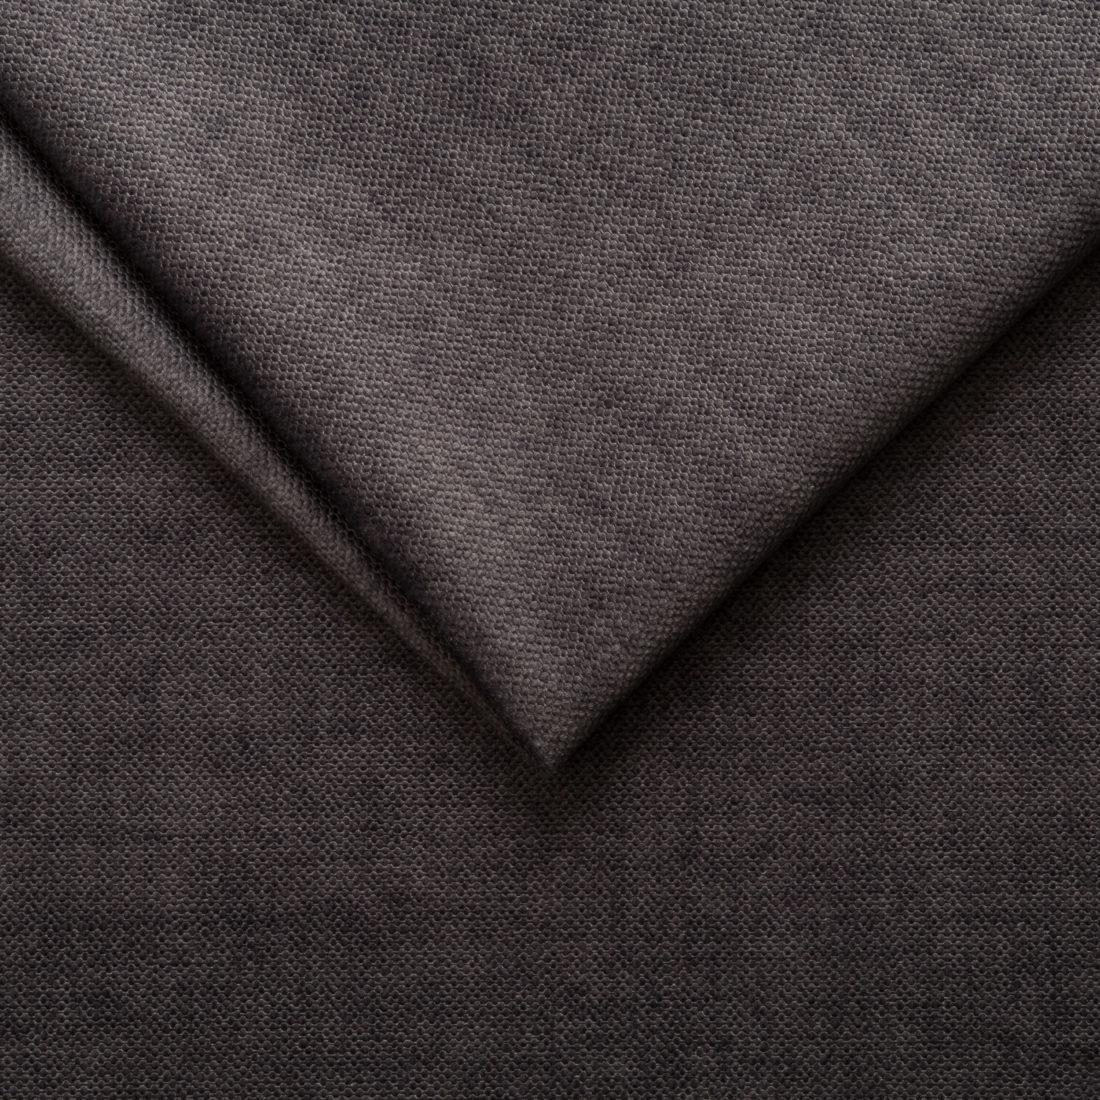 Мебельная ткань Vogue 15 Grey, велюр